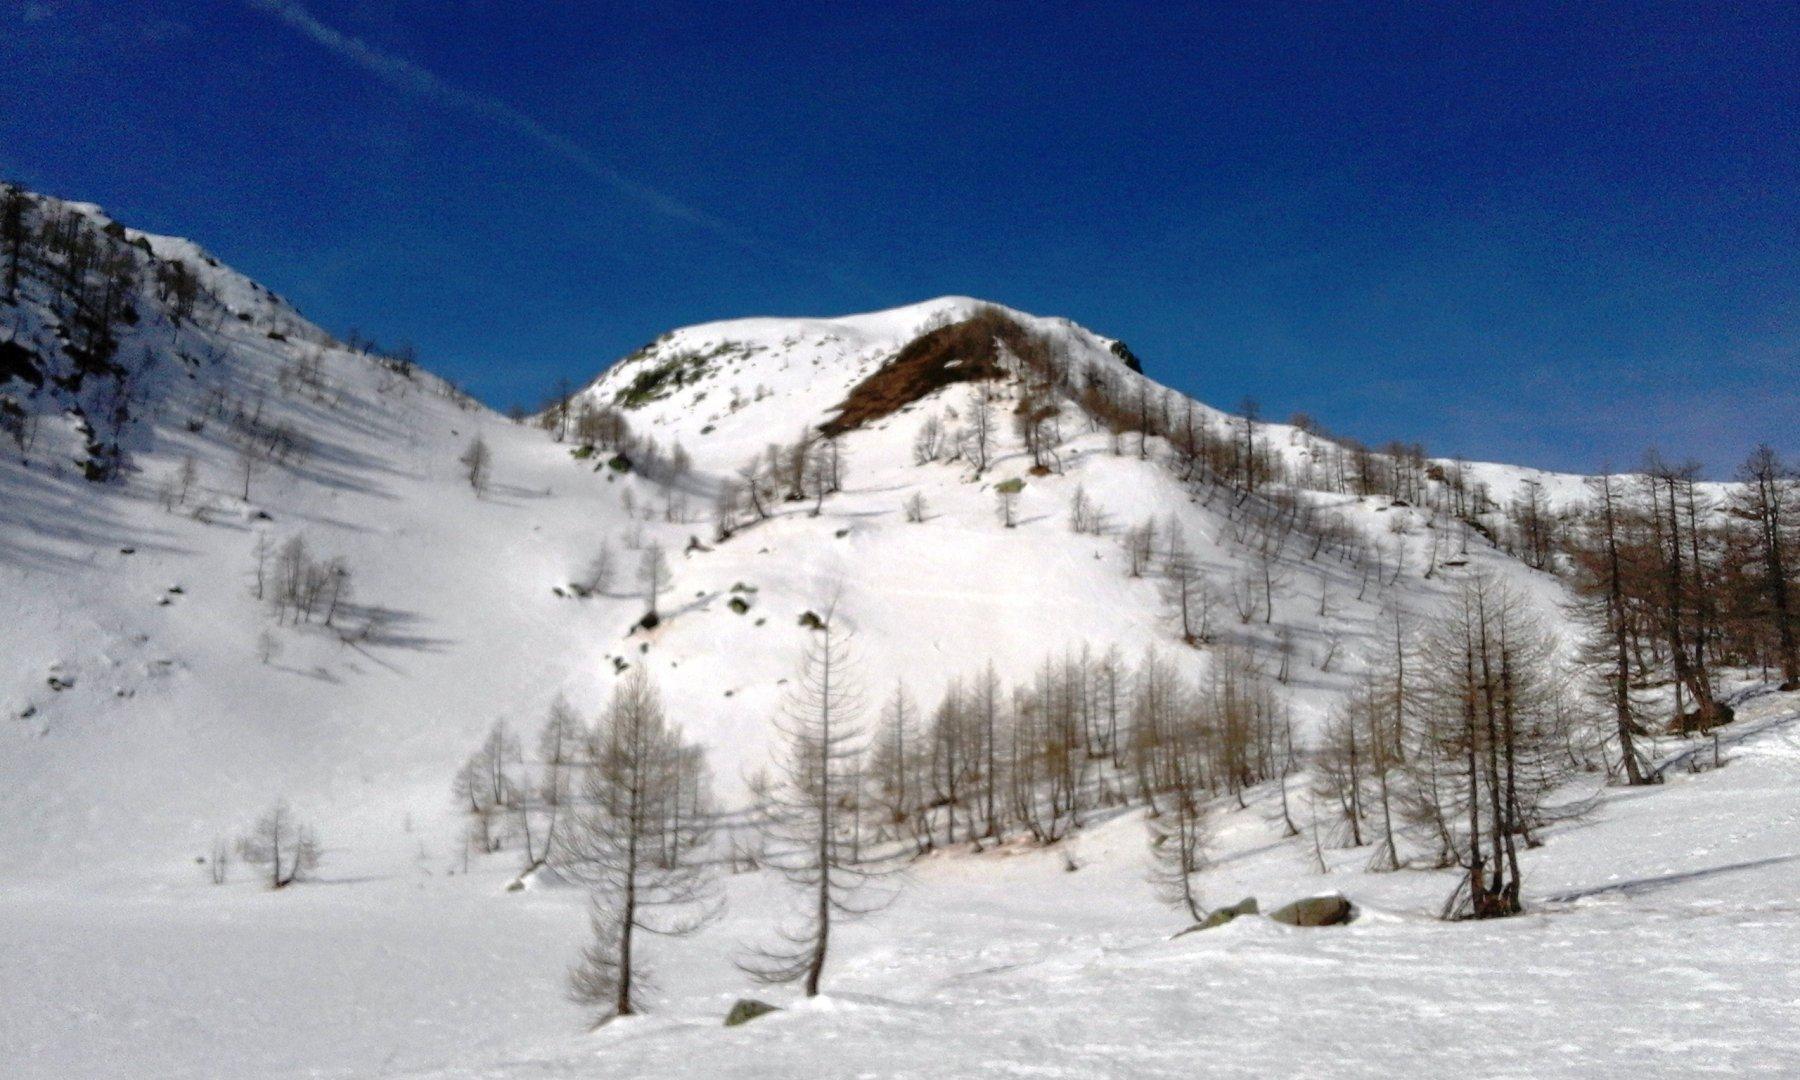 Mattaroni (Cima) da San Bernardo 2019-03-03